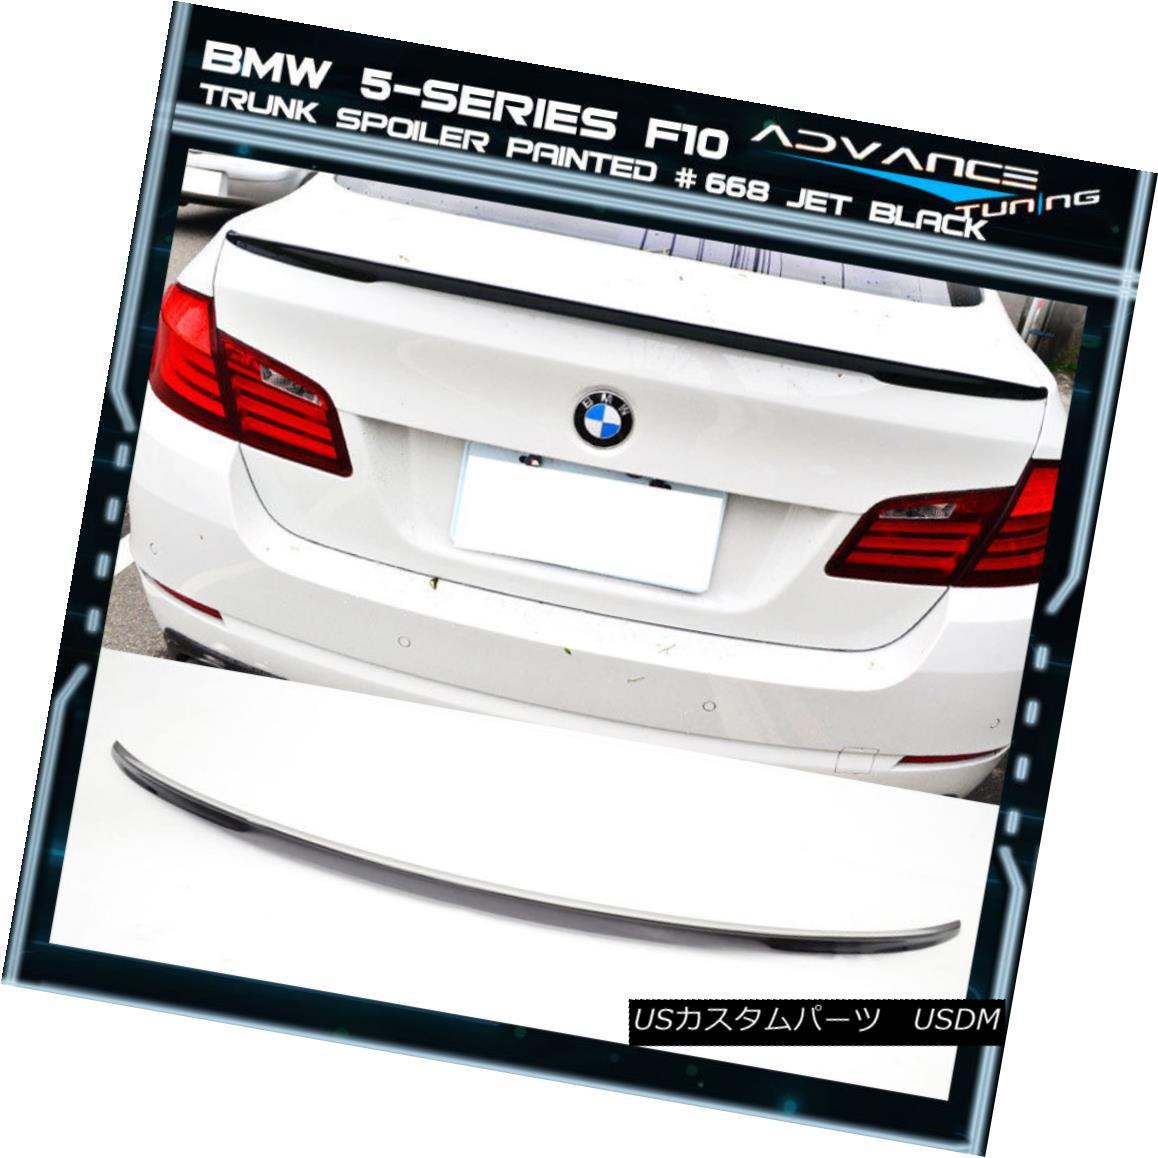 エアロパーツ 11-16 BMW 5-Series F10 Sedan Trunk Spoiler OEM Painted Color # 668 Jet Black 11-16 BMW 5シリーズF10セダントランクスポイラーOEM塗装カラー#668ジェットブラック